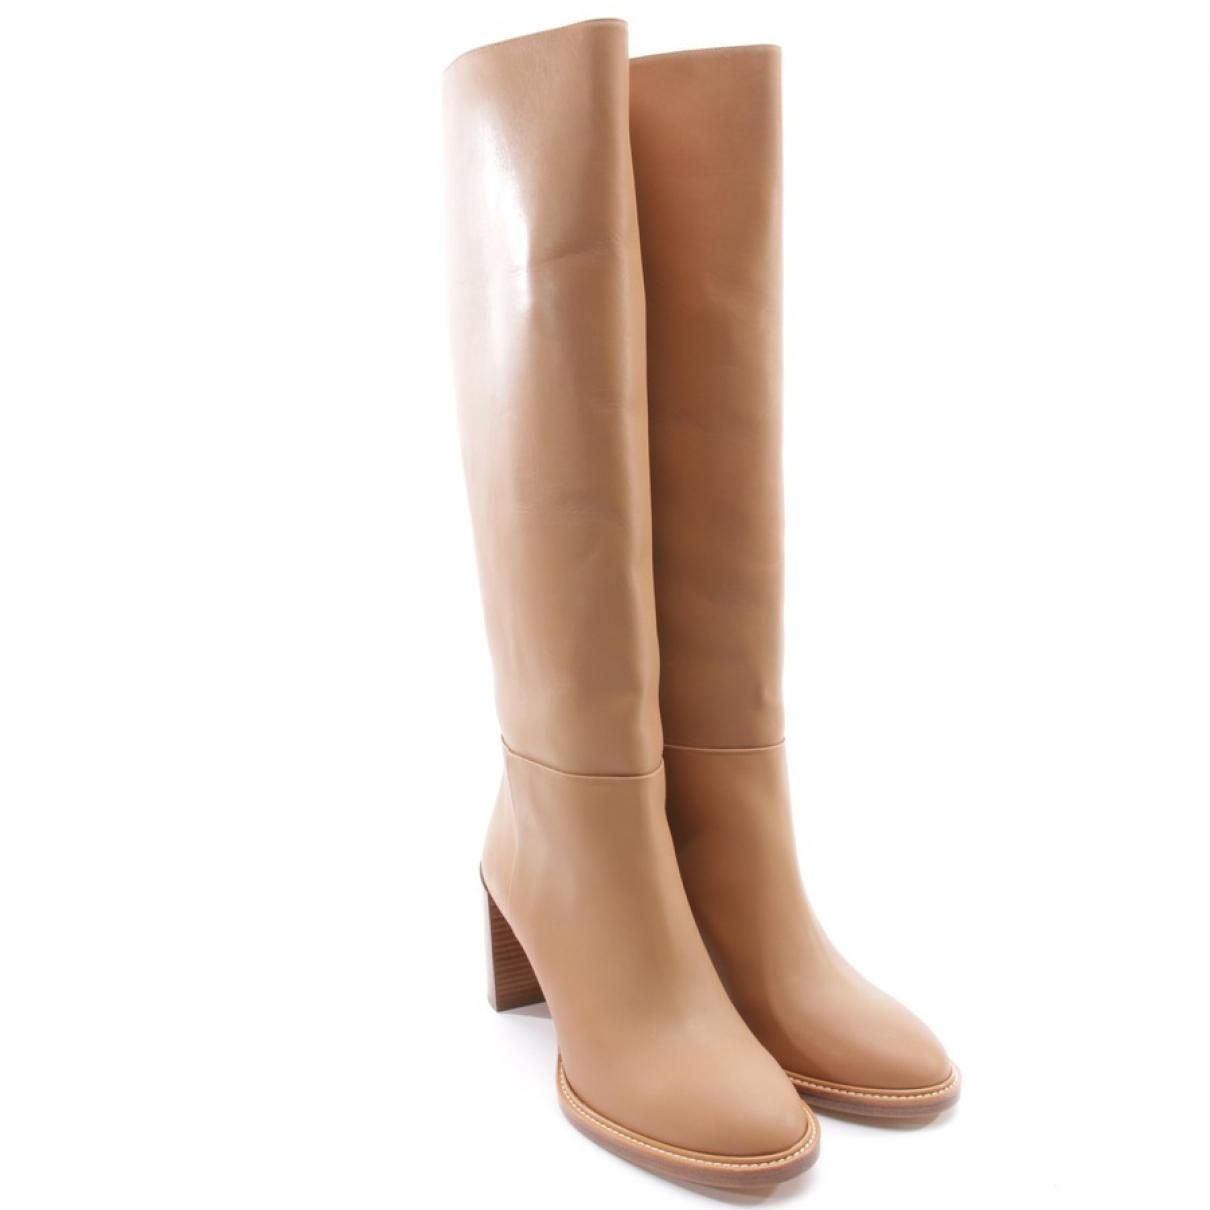 Gabriela Hearst - Bottes   pour femme en cuir - beige